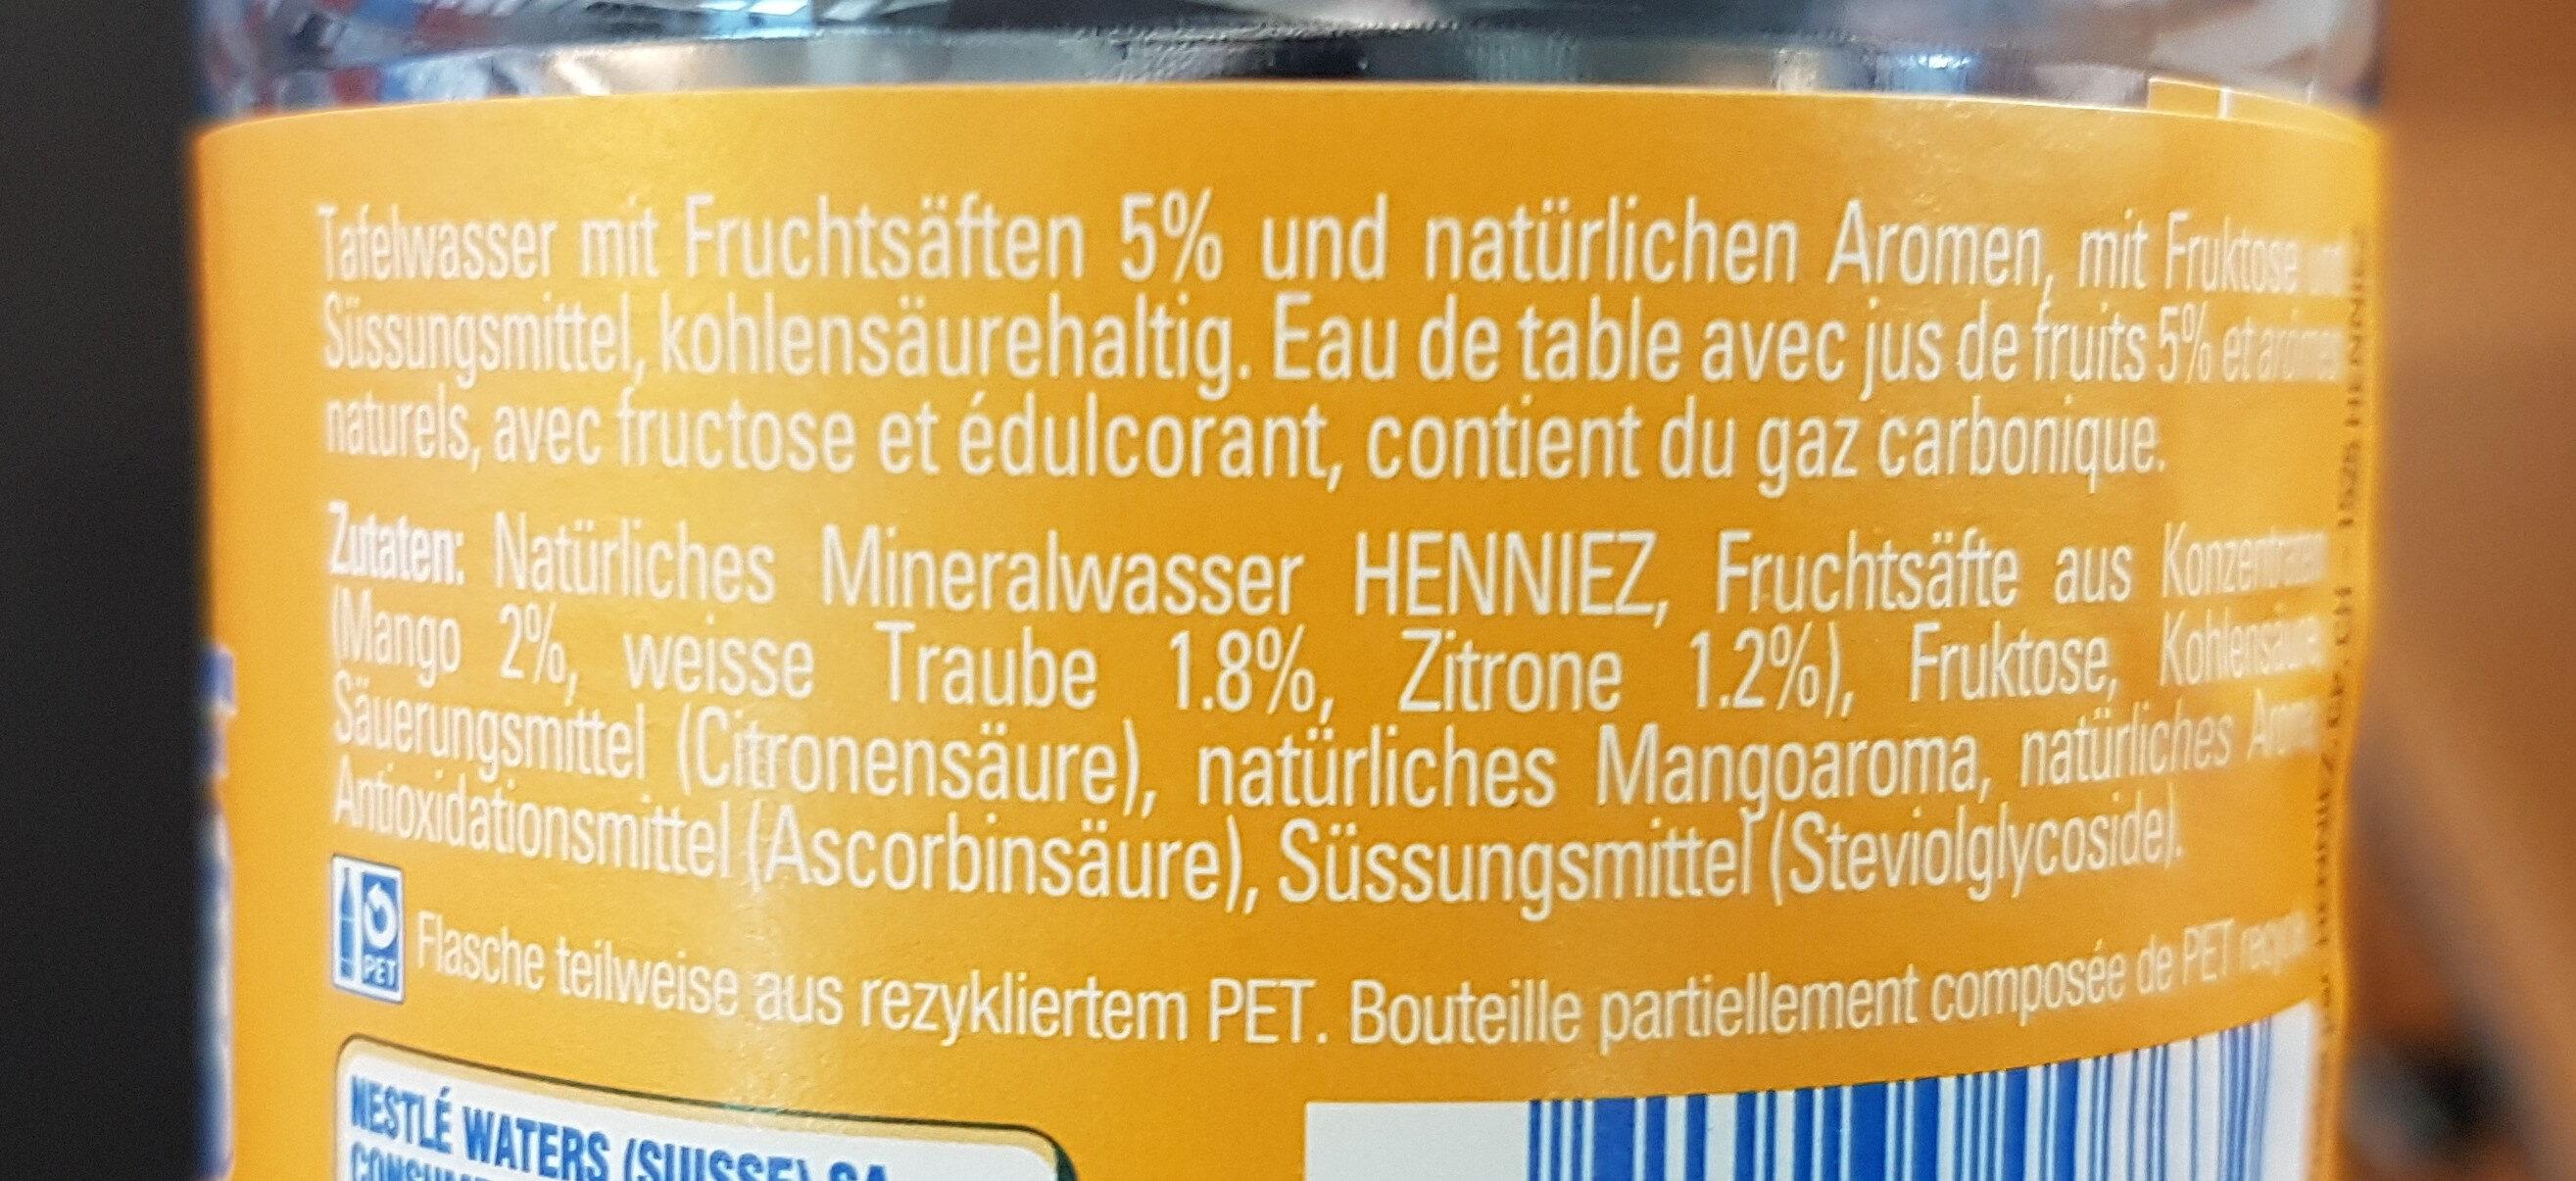 henniez Mango saveur Yuzu - Ingredients